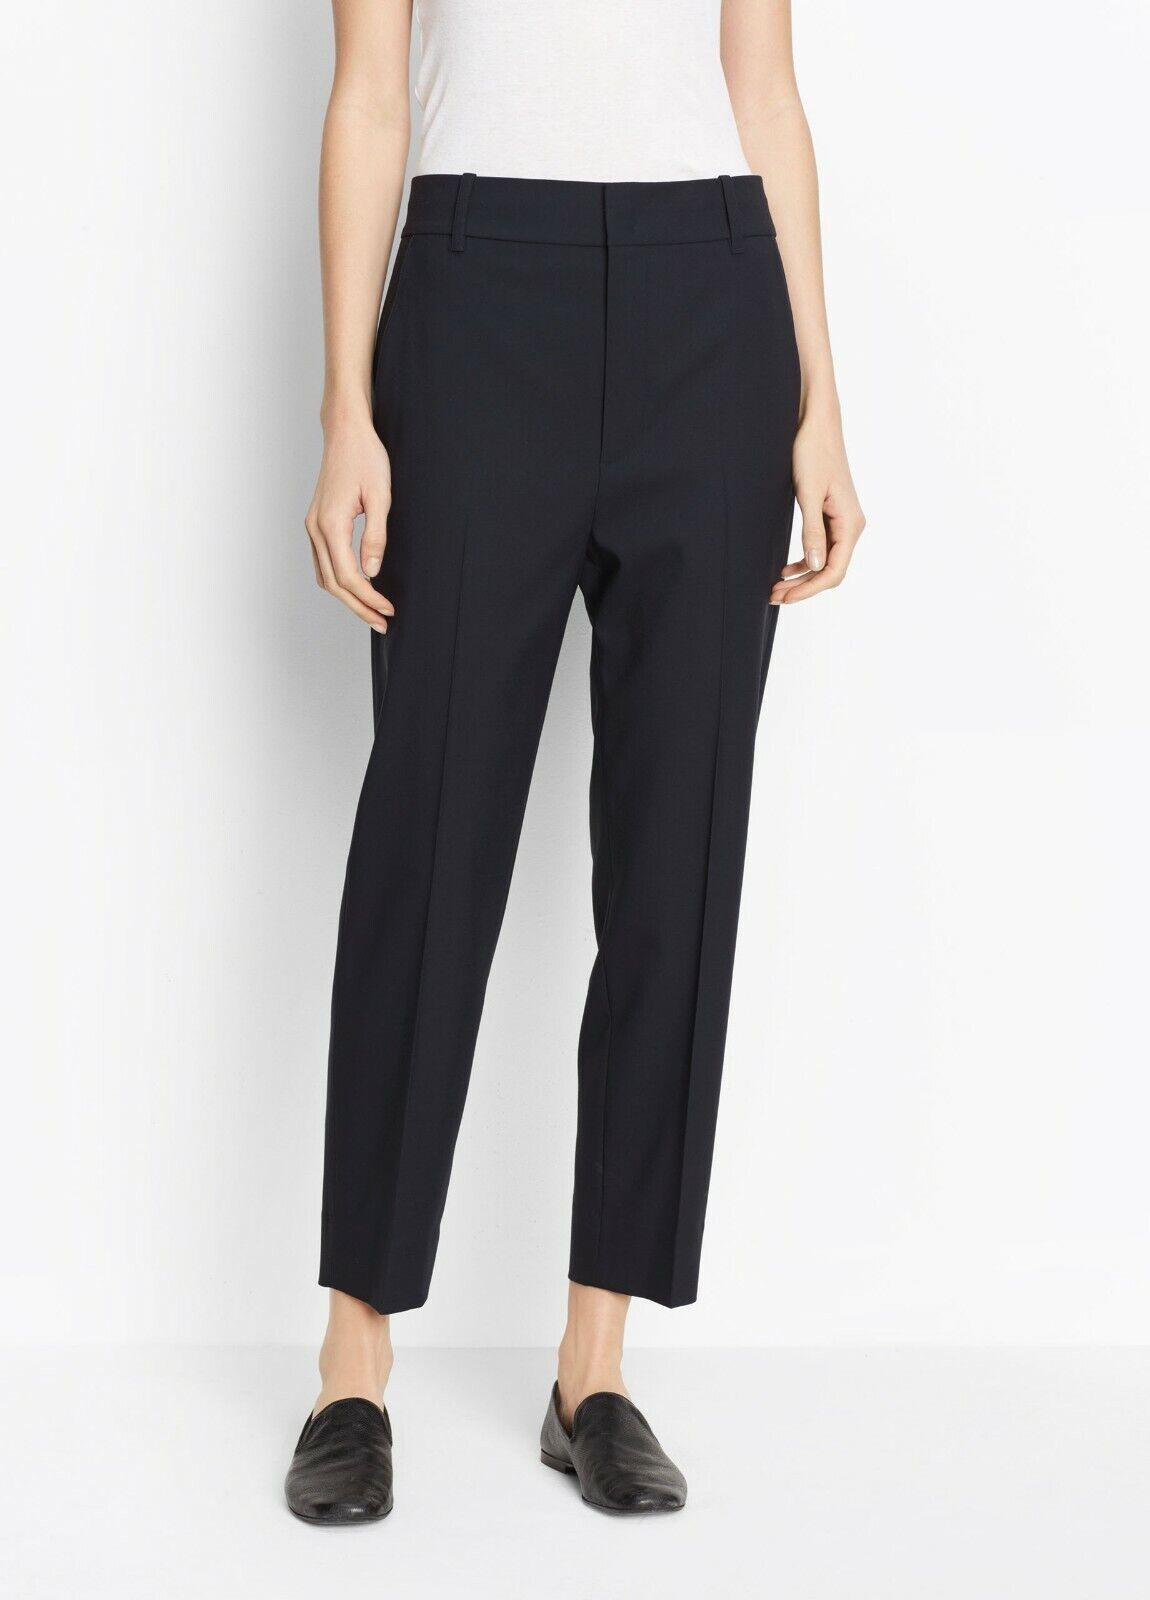 NWT Vince Wool Crop Trouser Pants Coastal Blau Größe 0, 6  335